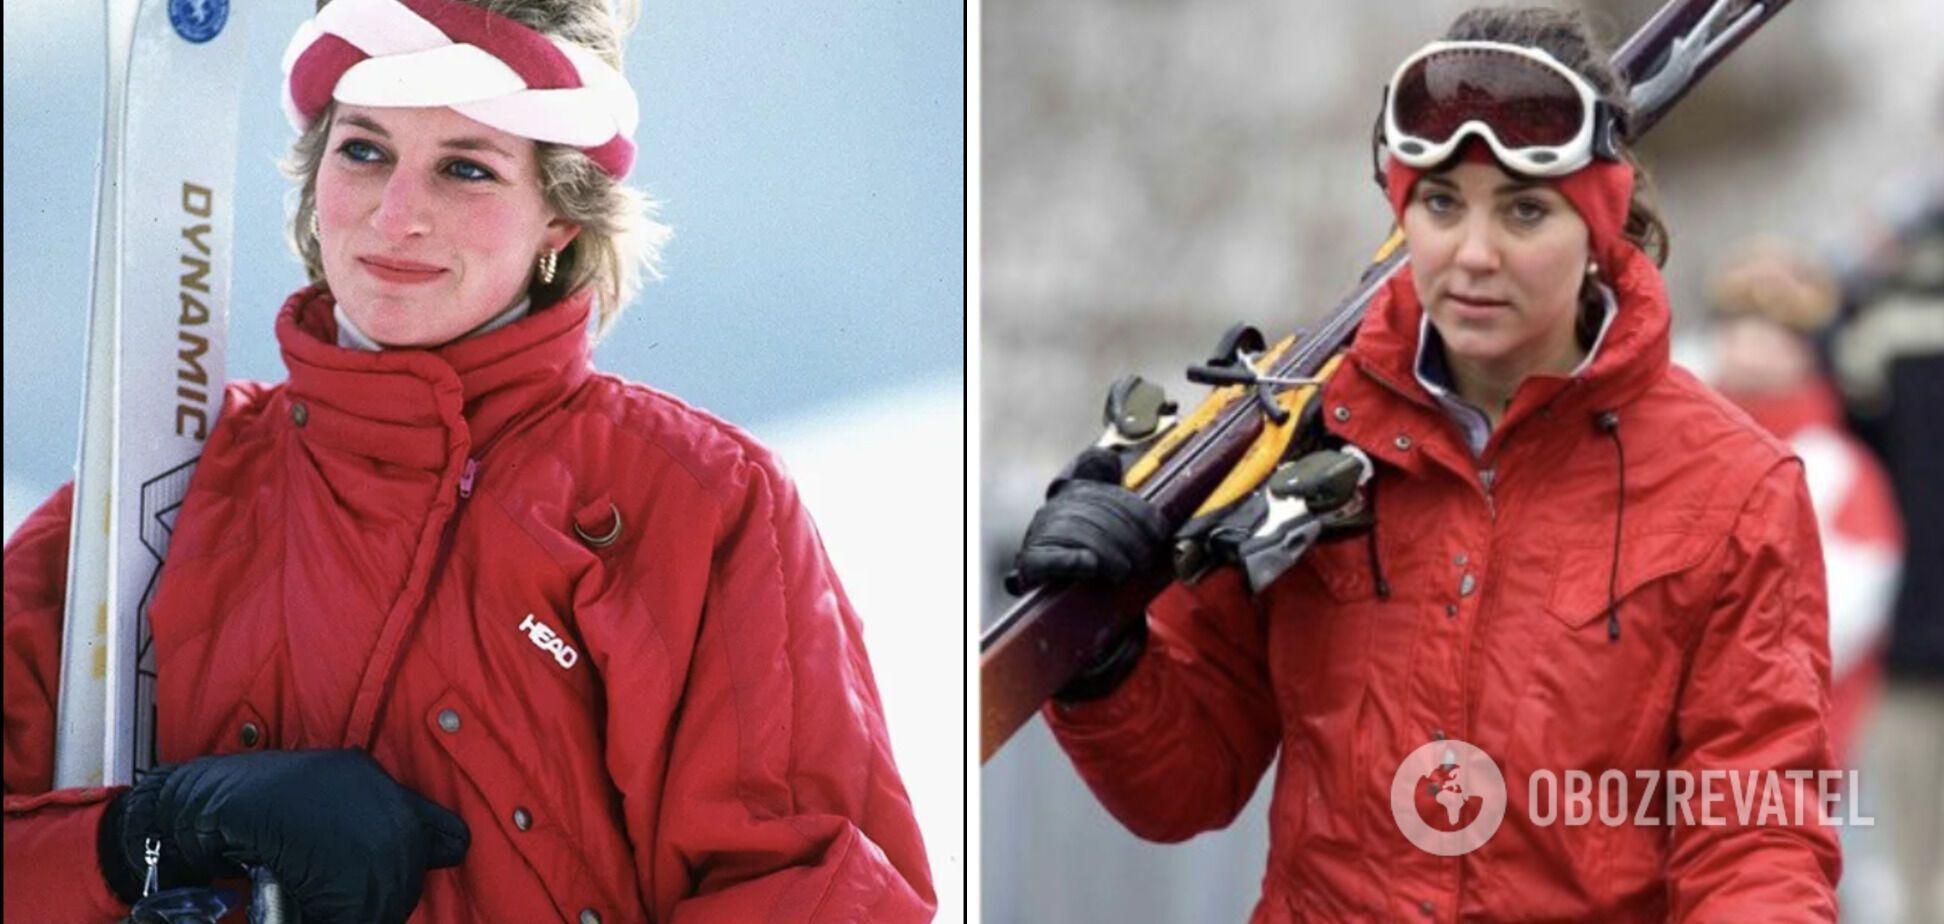 Кейт Міддлтон і принцеса Діана каталися на лижах у схожих червоних куртках